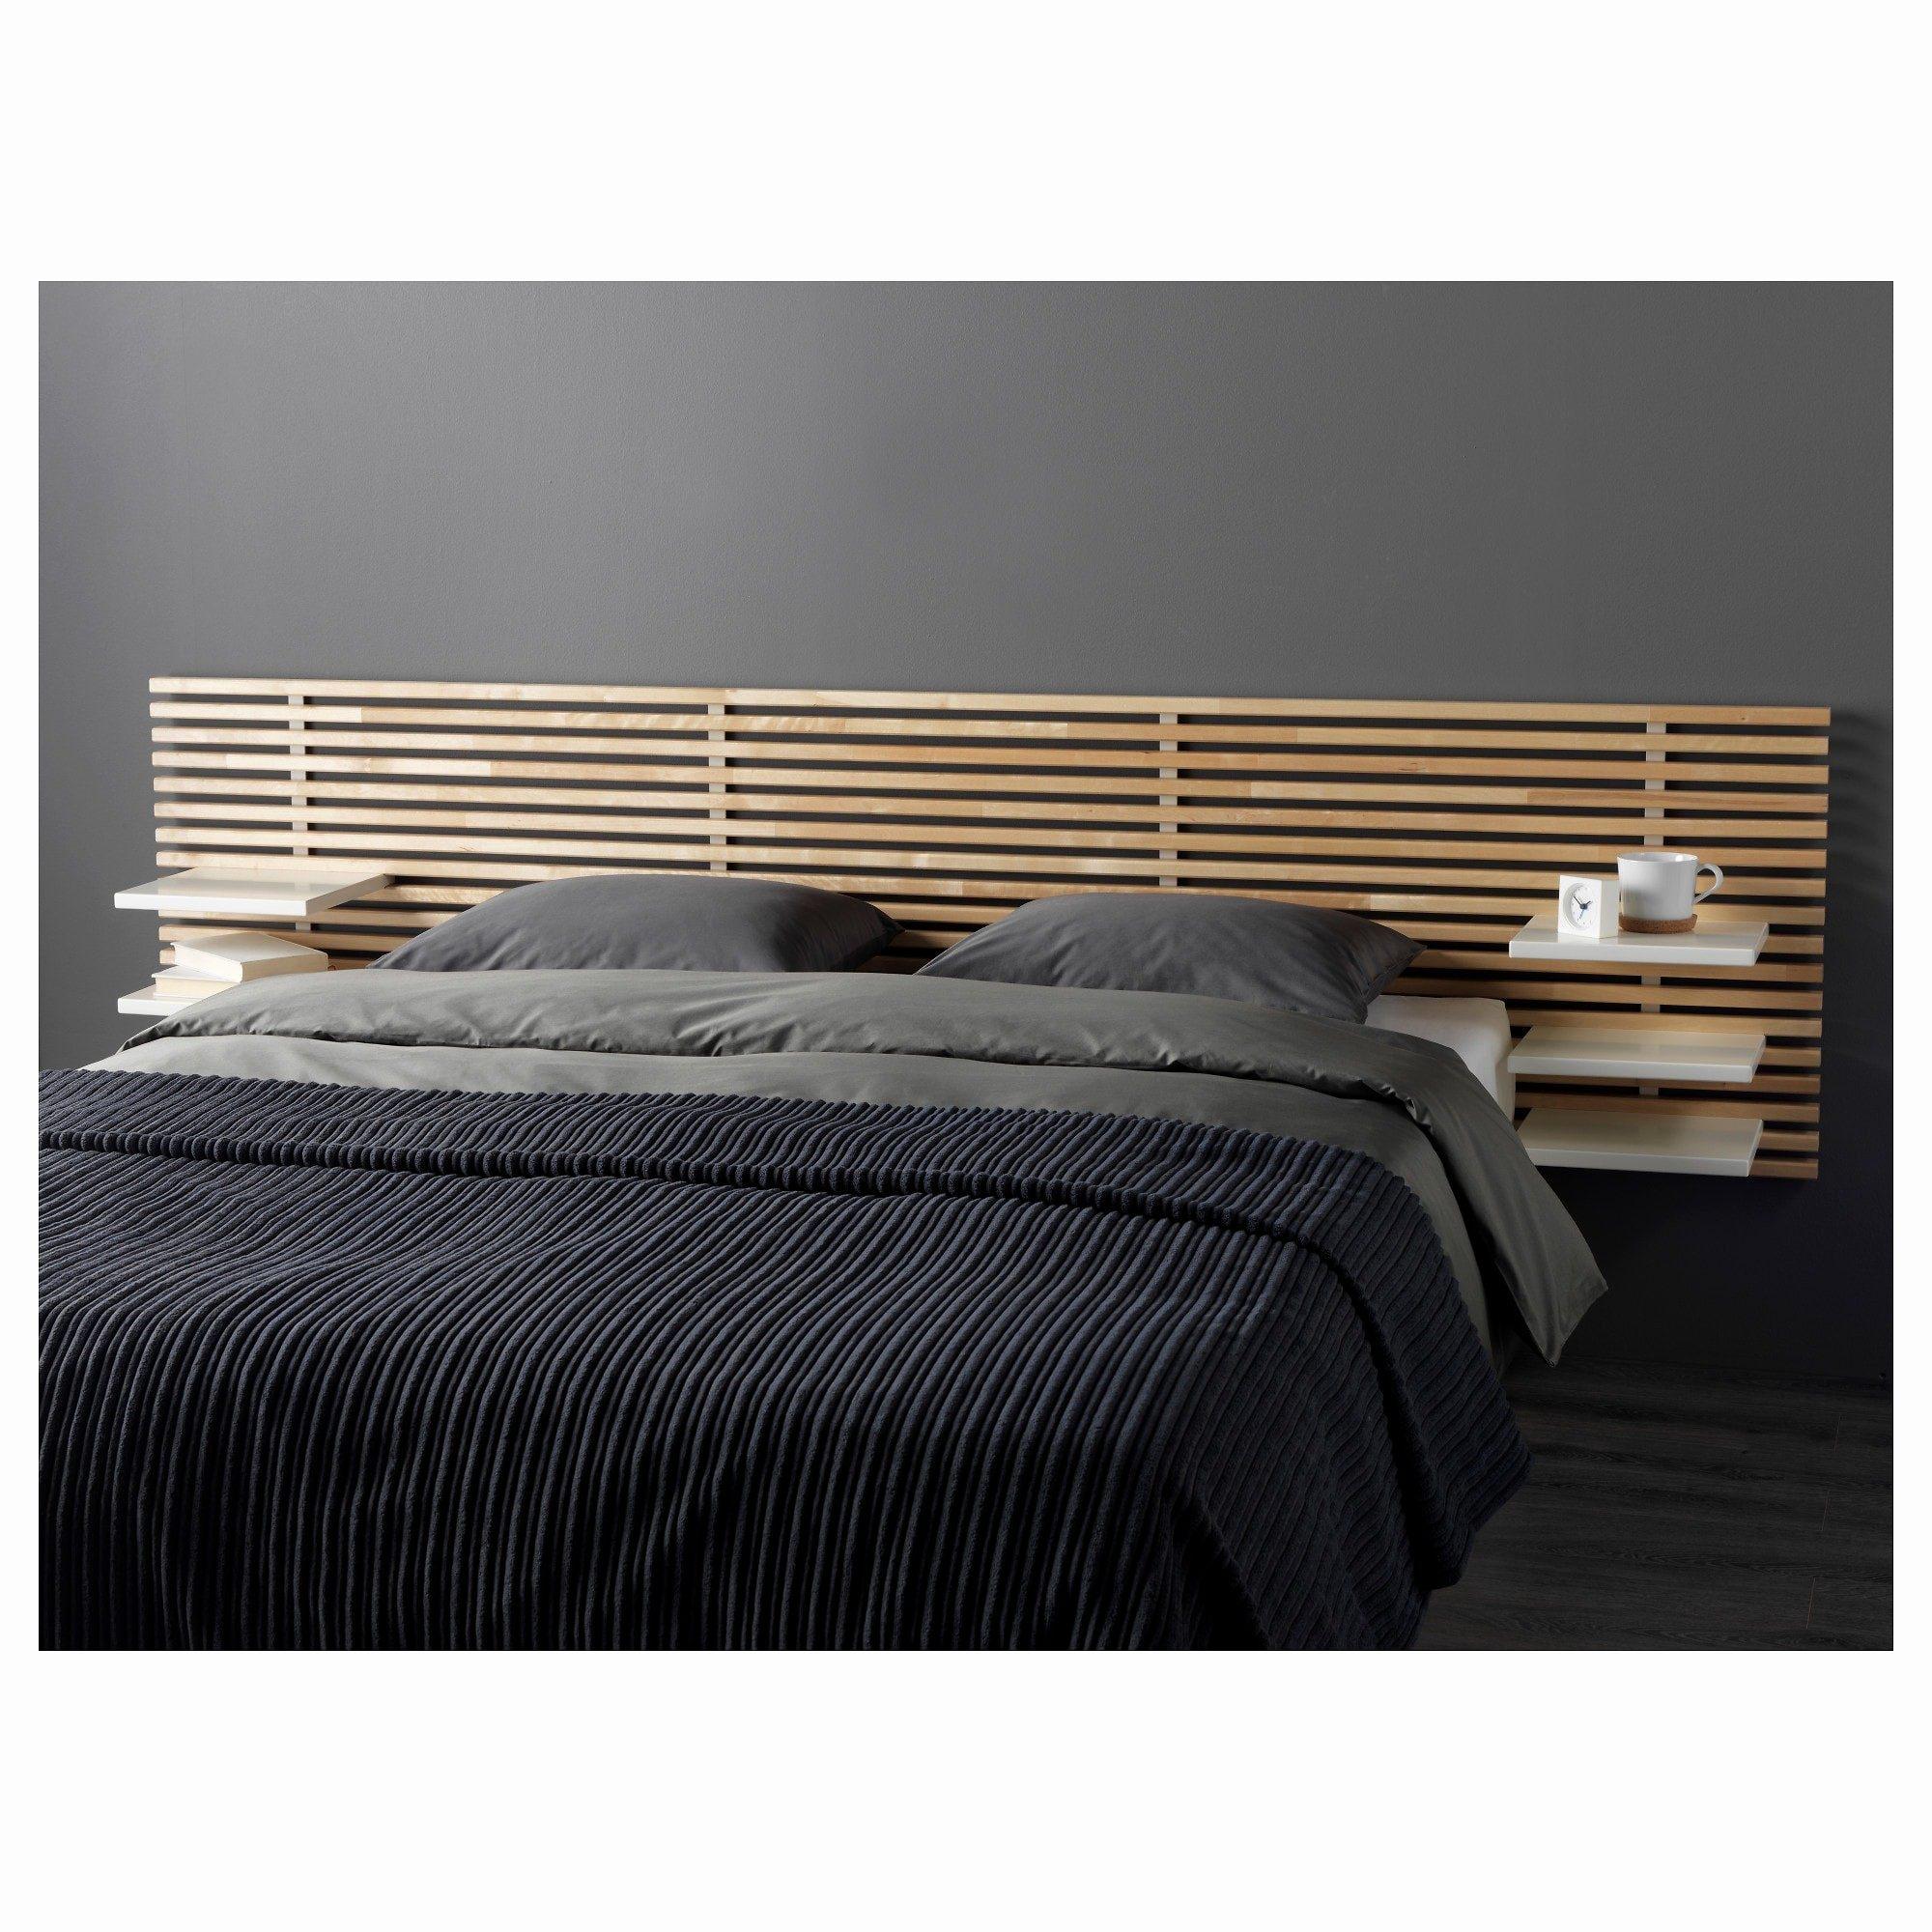 Tete De Lit Tissu Impressionnant Tete De Lit Tissu Ikea Inspiré Tete De Lit Zen Fabulous Full Size